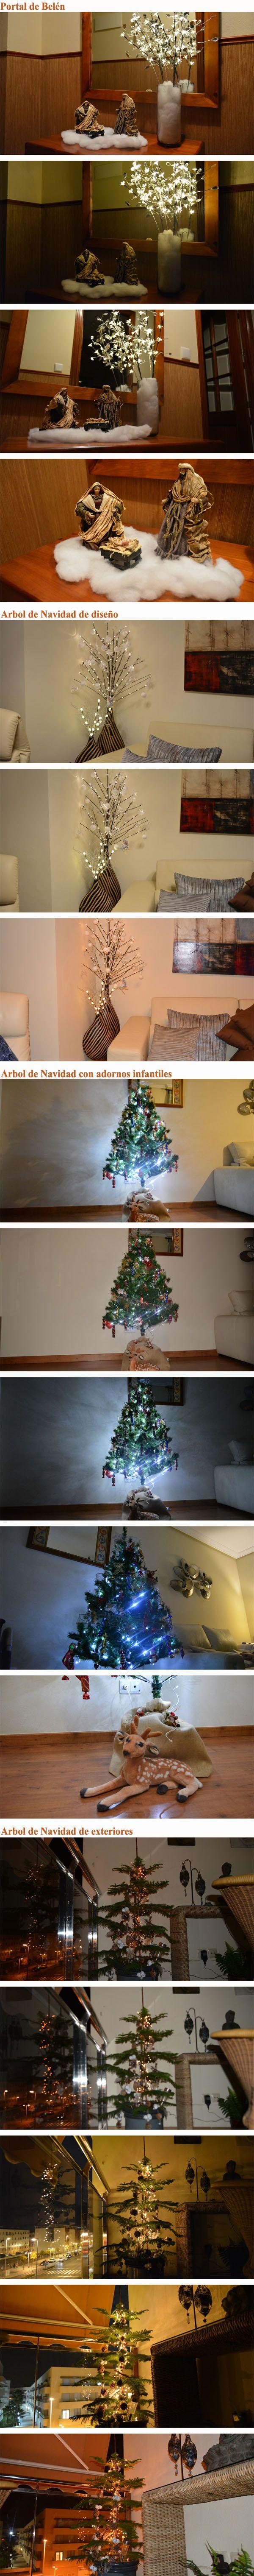 Decoracion tradicional para Navidad